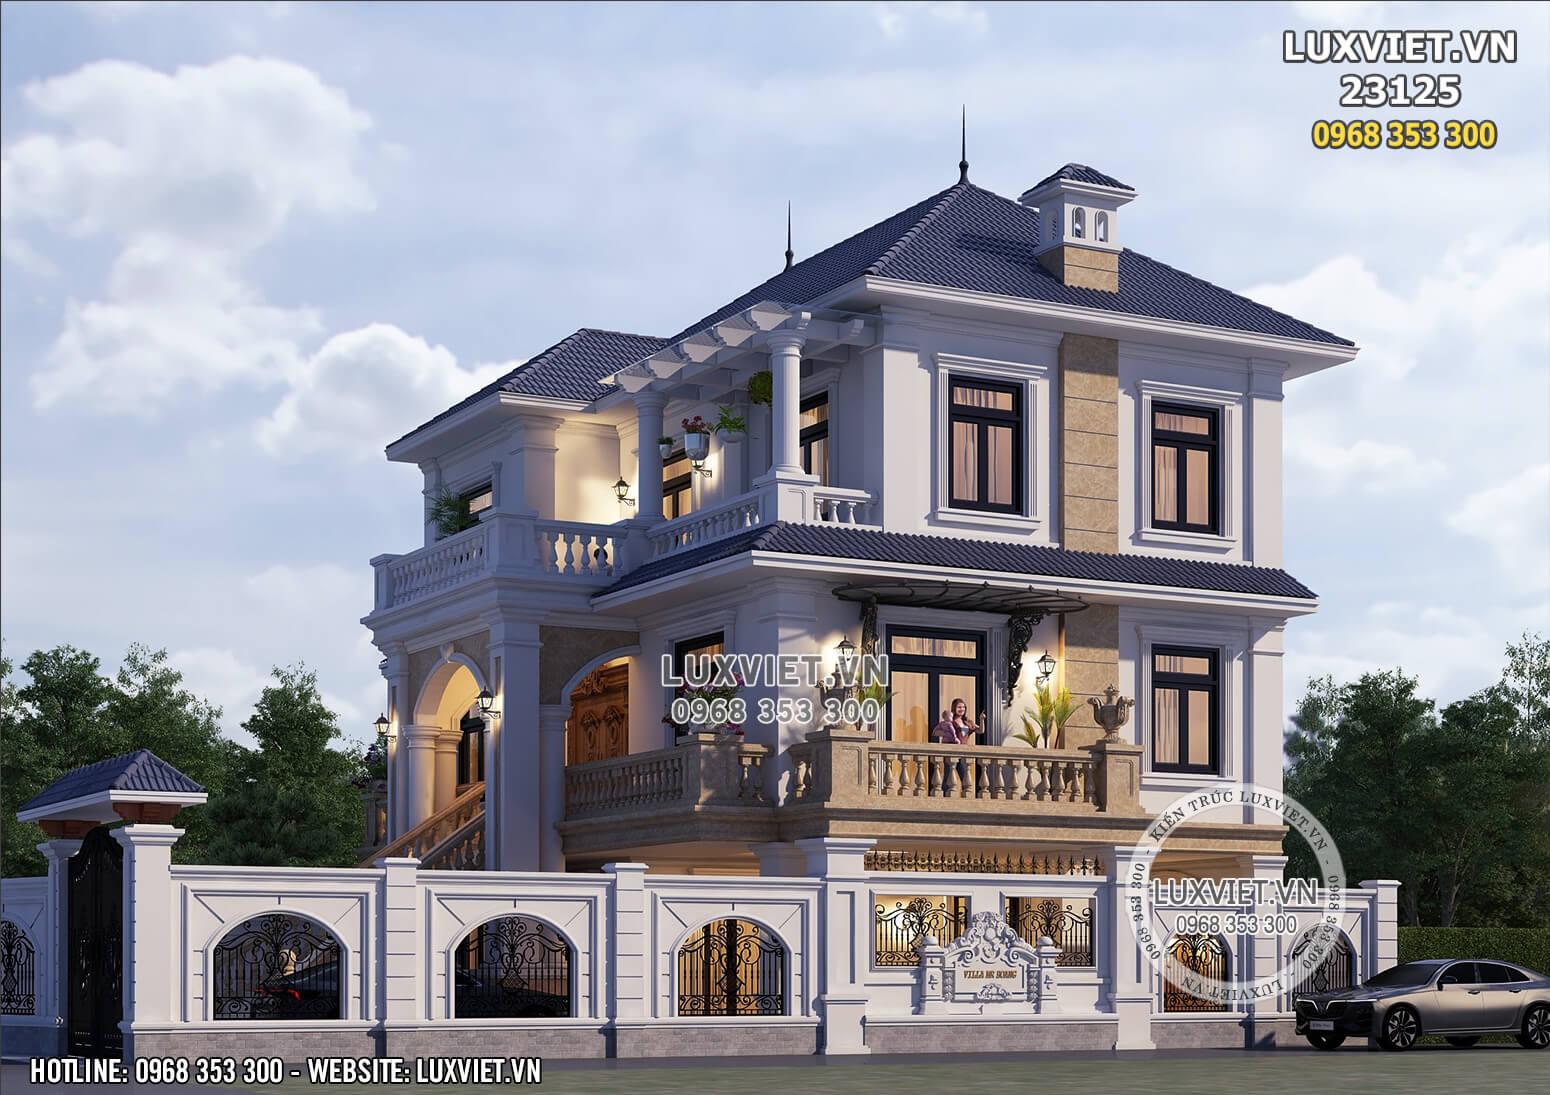 Hình ảnh: Một góc view thiết kế nhà 1 trệt 2 lầu đẹp tại Bắc Ninh - LV 23125